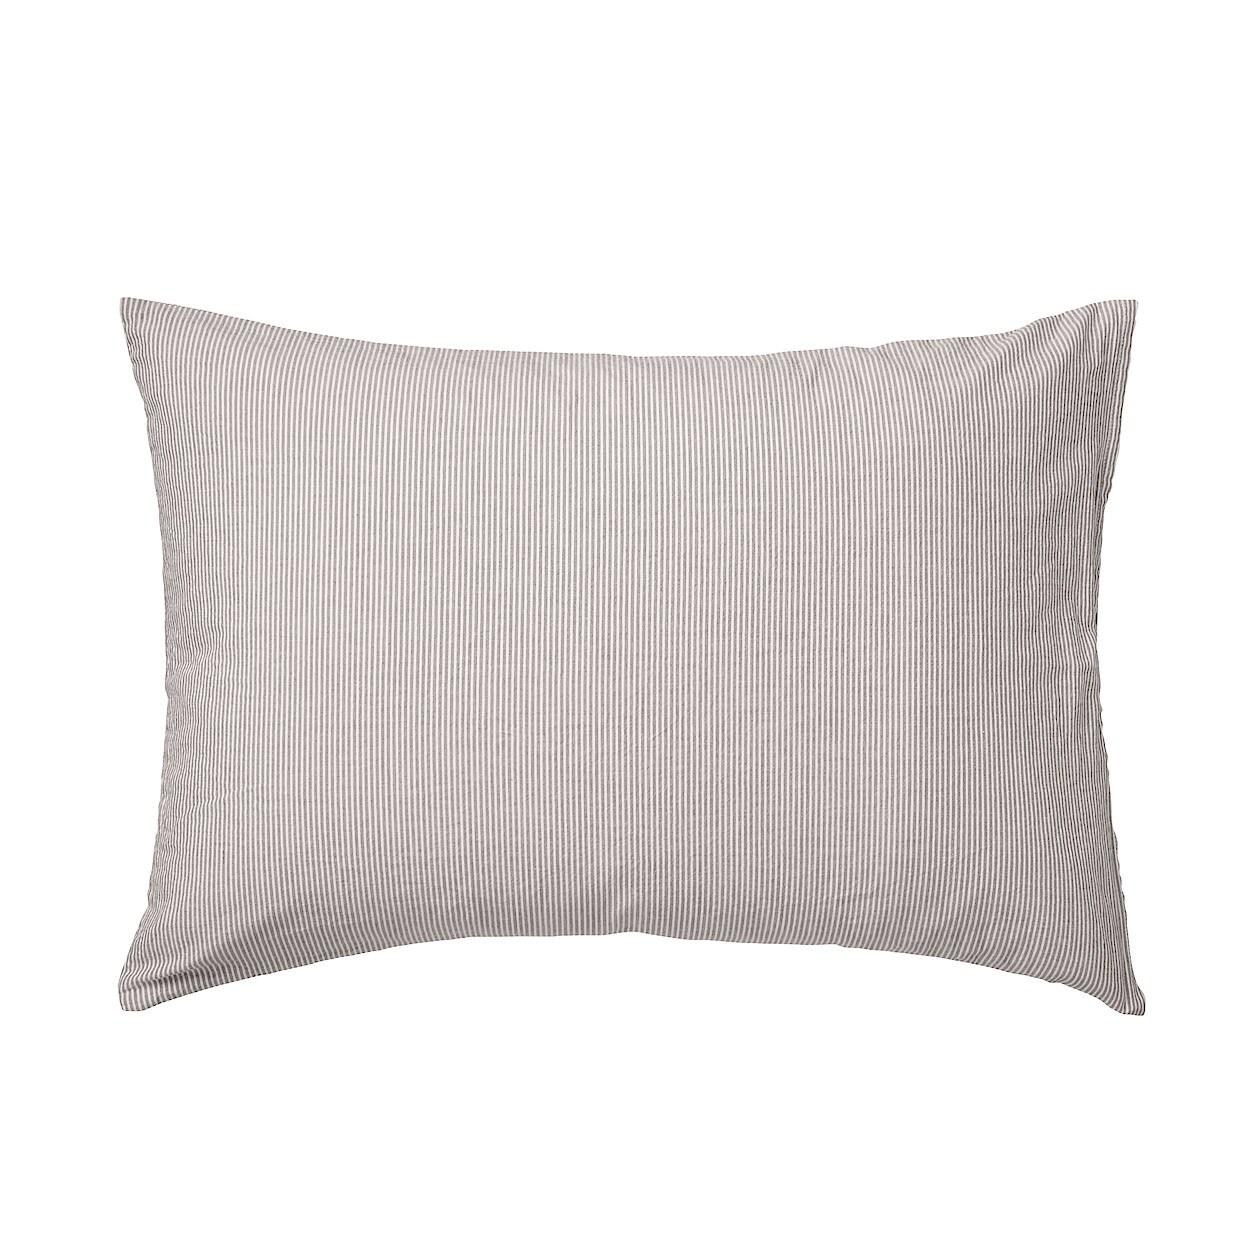 枕 カバー 無印 布団カバーは無印良品が一番気持ちいい!?素材別の特徴を徹底解剖します♡|mamagirl [ママガール]